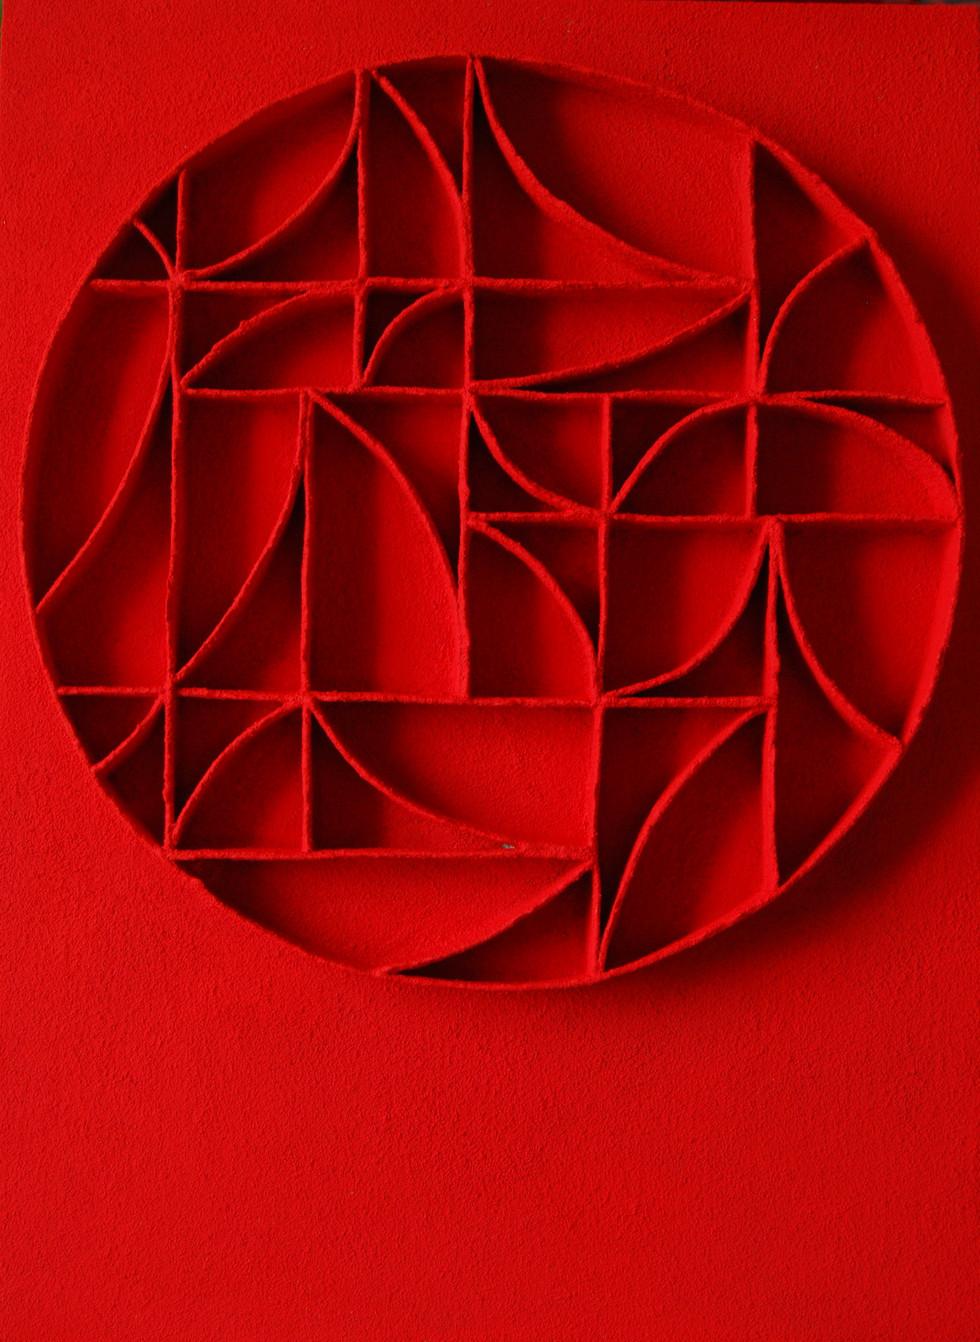 Calicot et pigments N°12 handgeschöpftes Papier, Pigmente 130 x 100 cm - verkauft